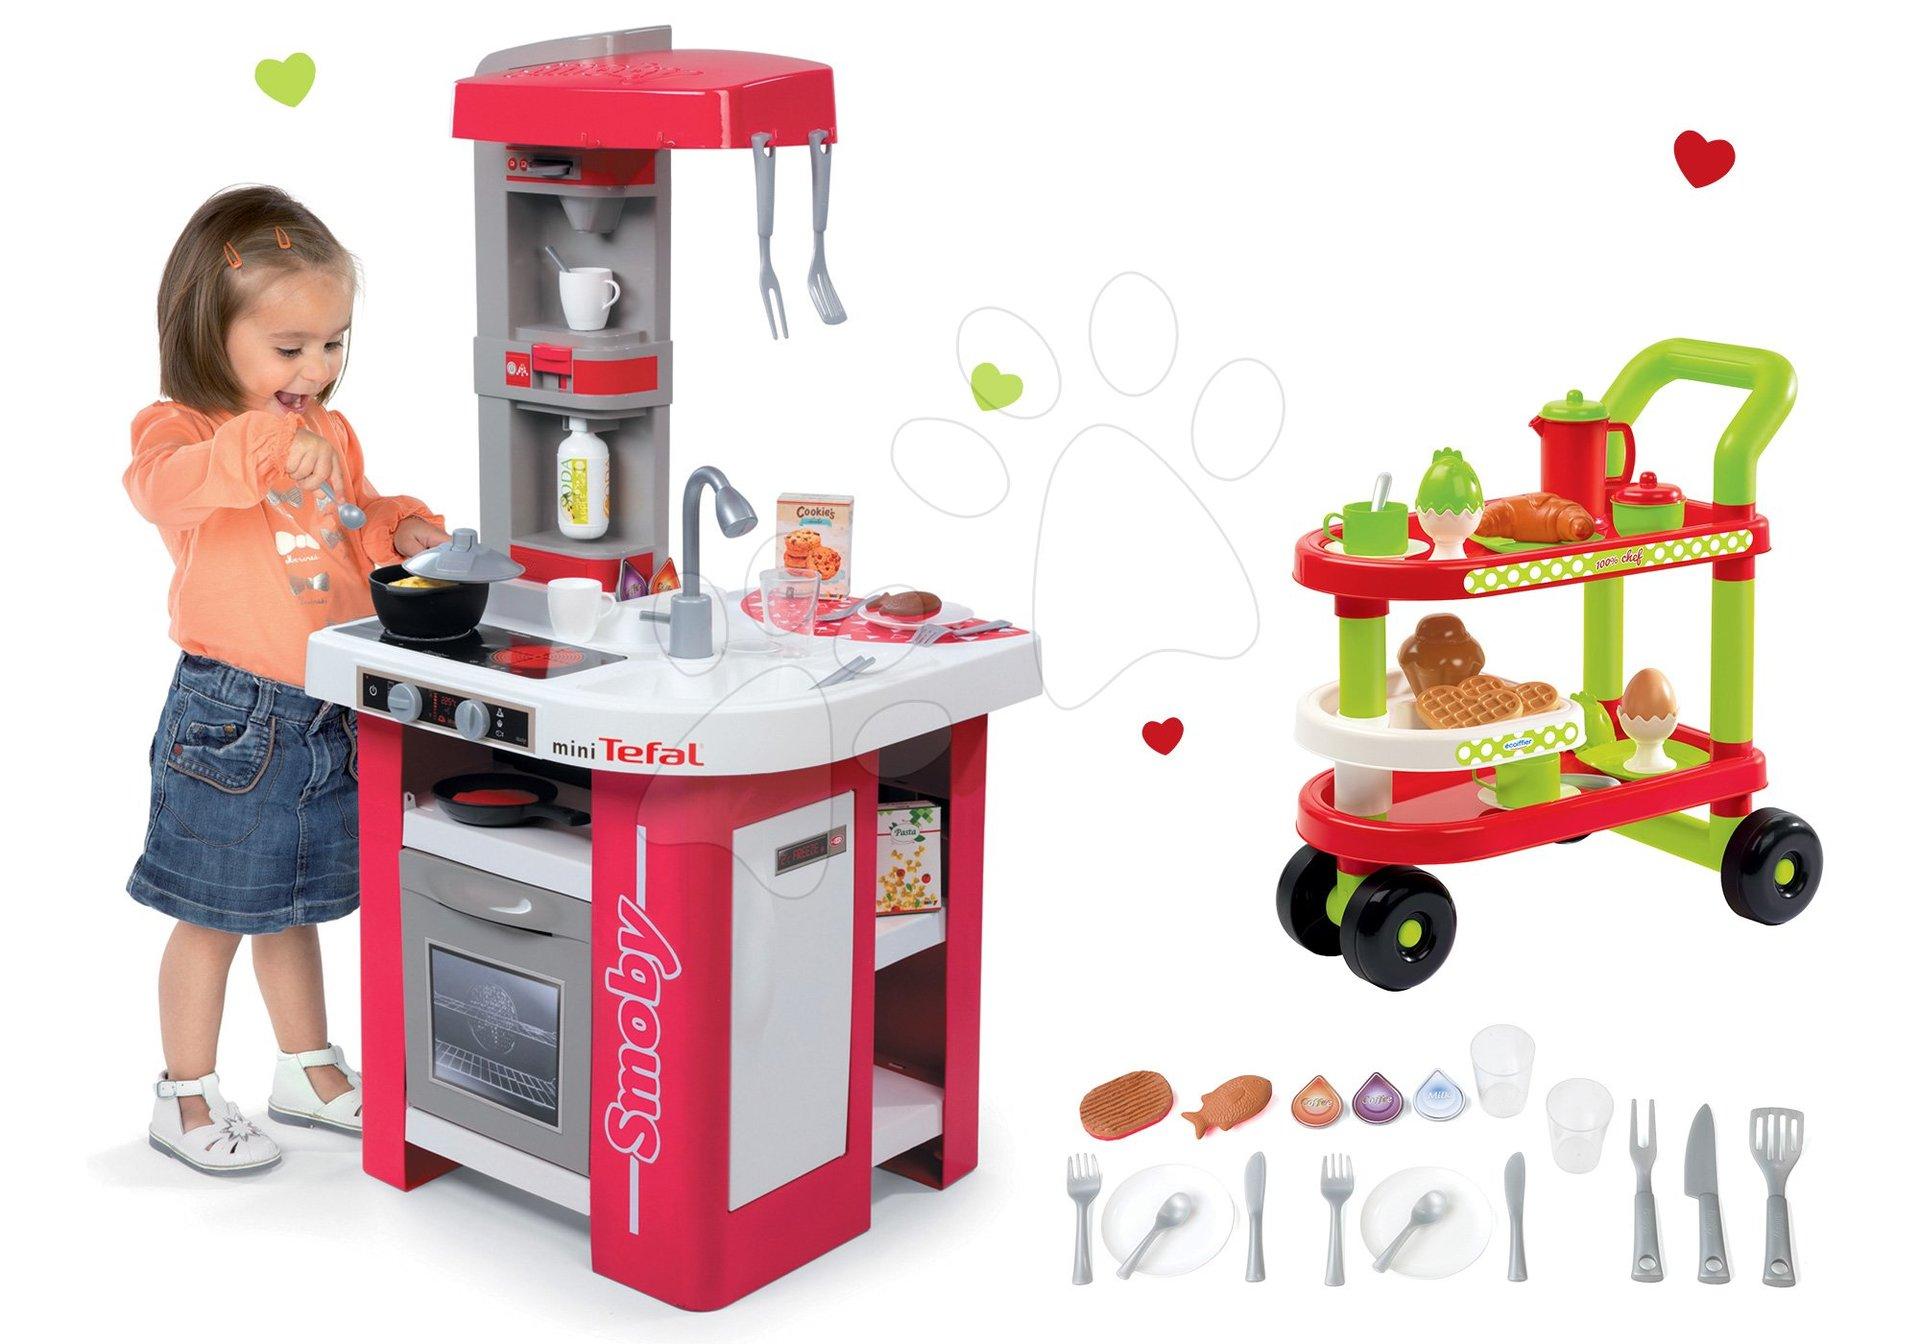 Smoby set dětská kuchyňka Tefal Studio elektronická a servírovací vozík se snídaní 100% Chef 311022-11